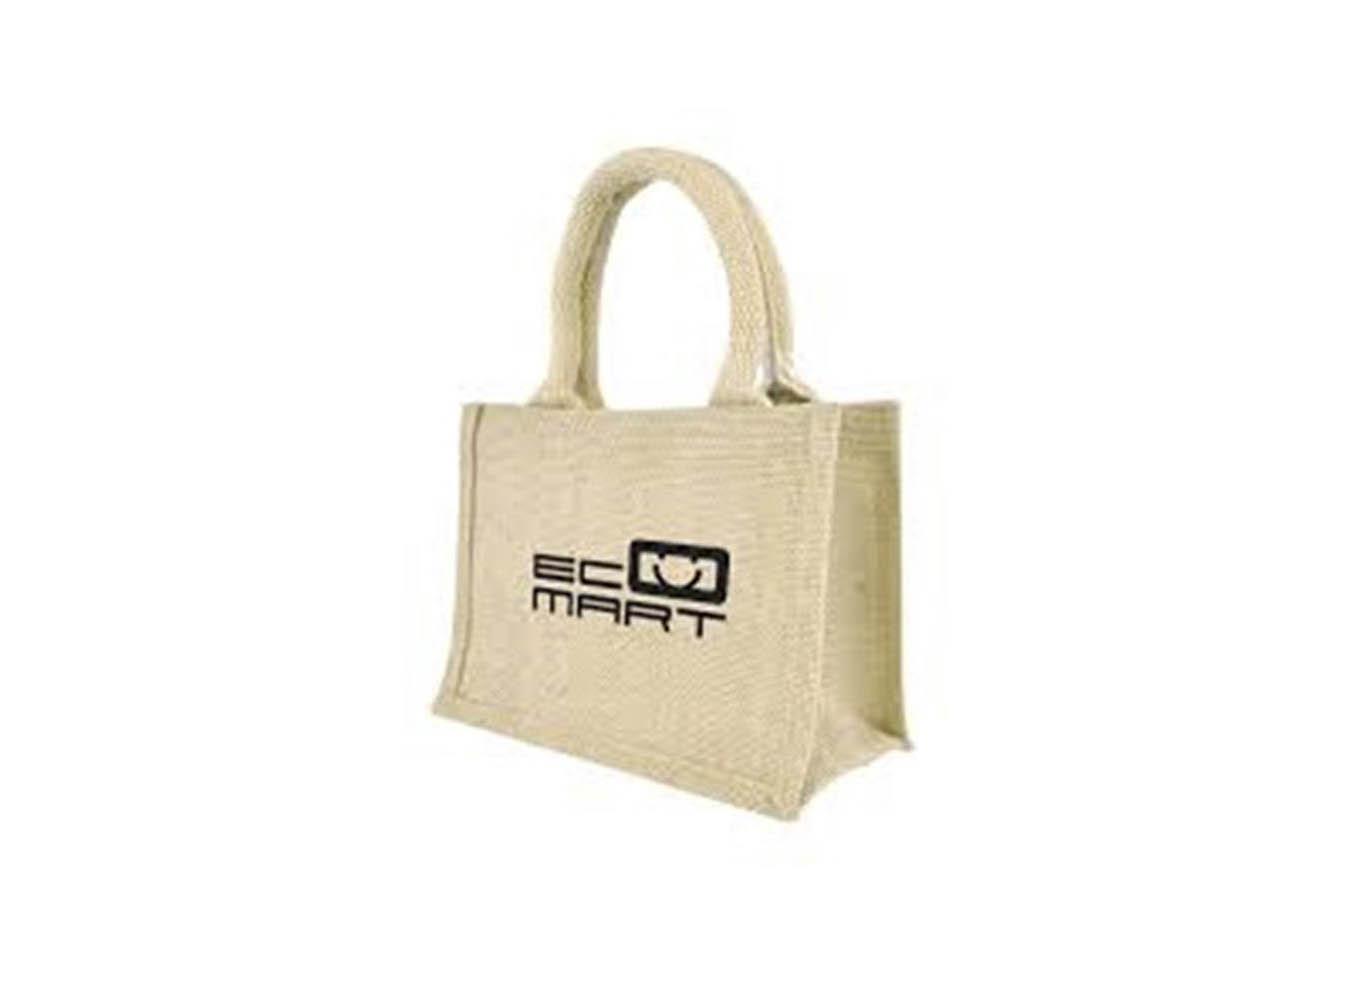 Custom Printed Jute Bag with Webbed Cord Handle